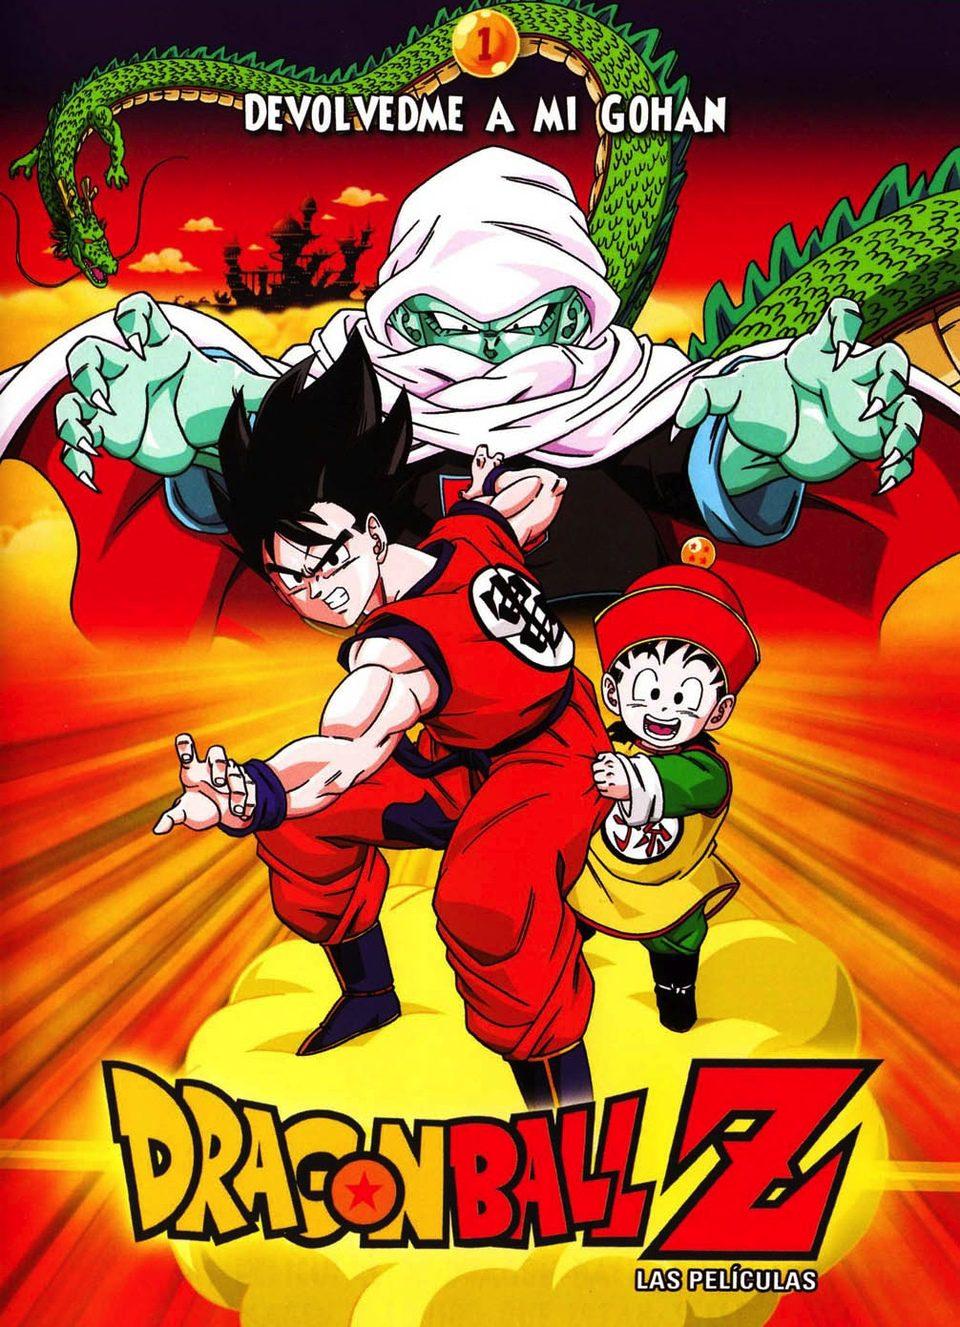 Cartel España de 'Dragon Ball Z: Devolvedme a mi Gohan'